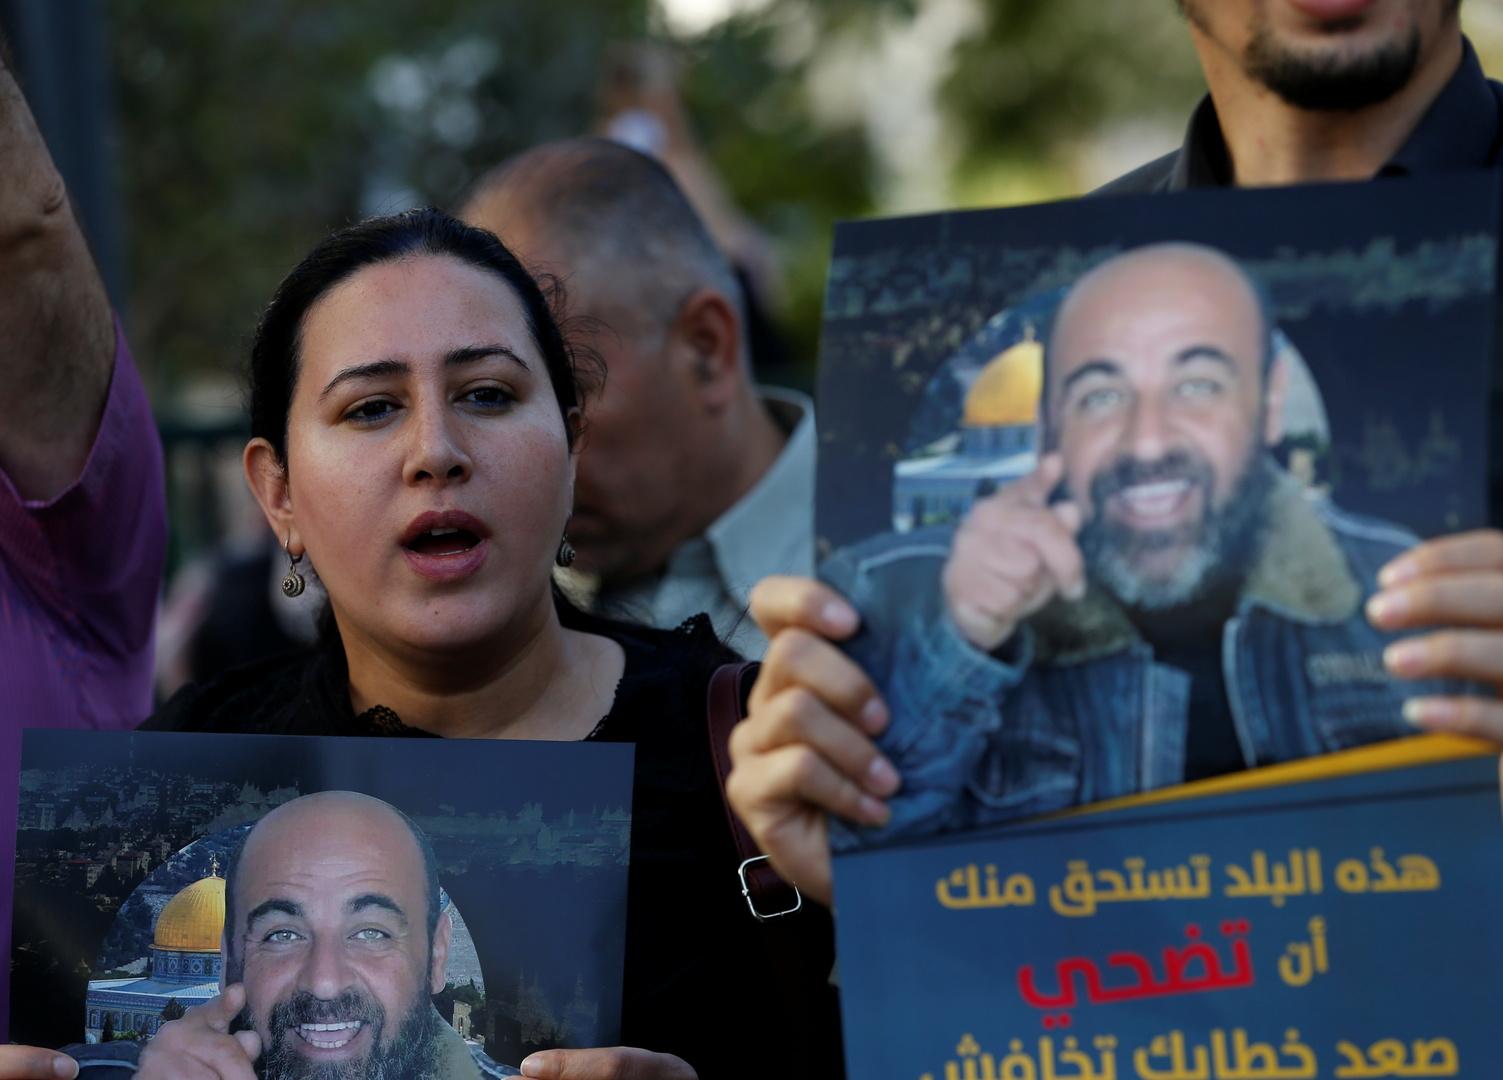 اعتقال 15 عنصرا من القوة الأمنية الفلسطينية التي شاركت بتوقيف الناشط نزار بنات